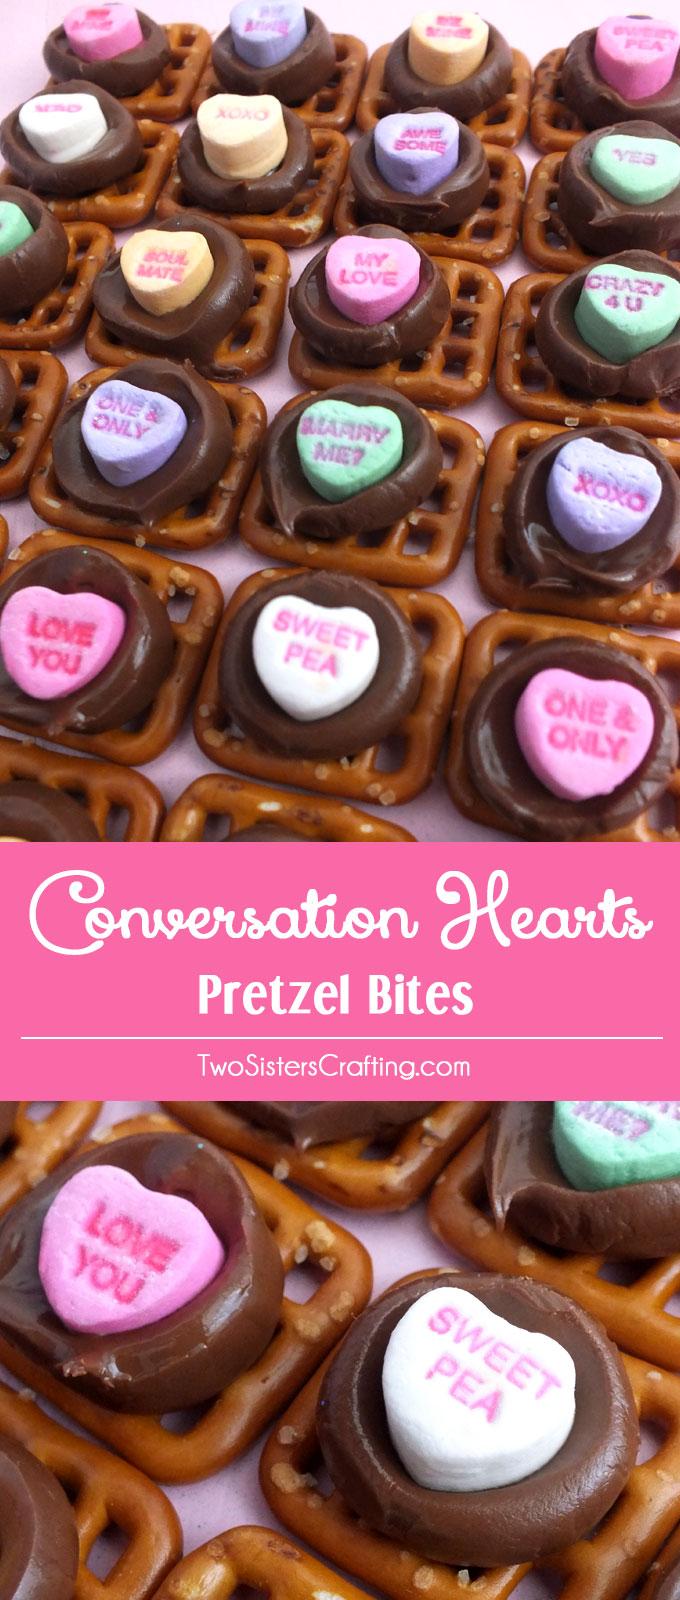 Conversation Hearts Pretzel Bites Two Sisters